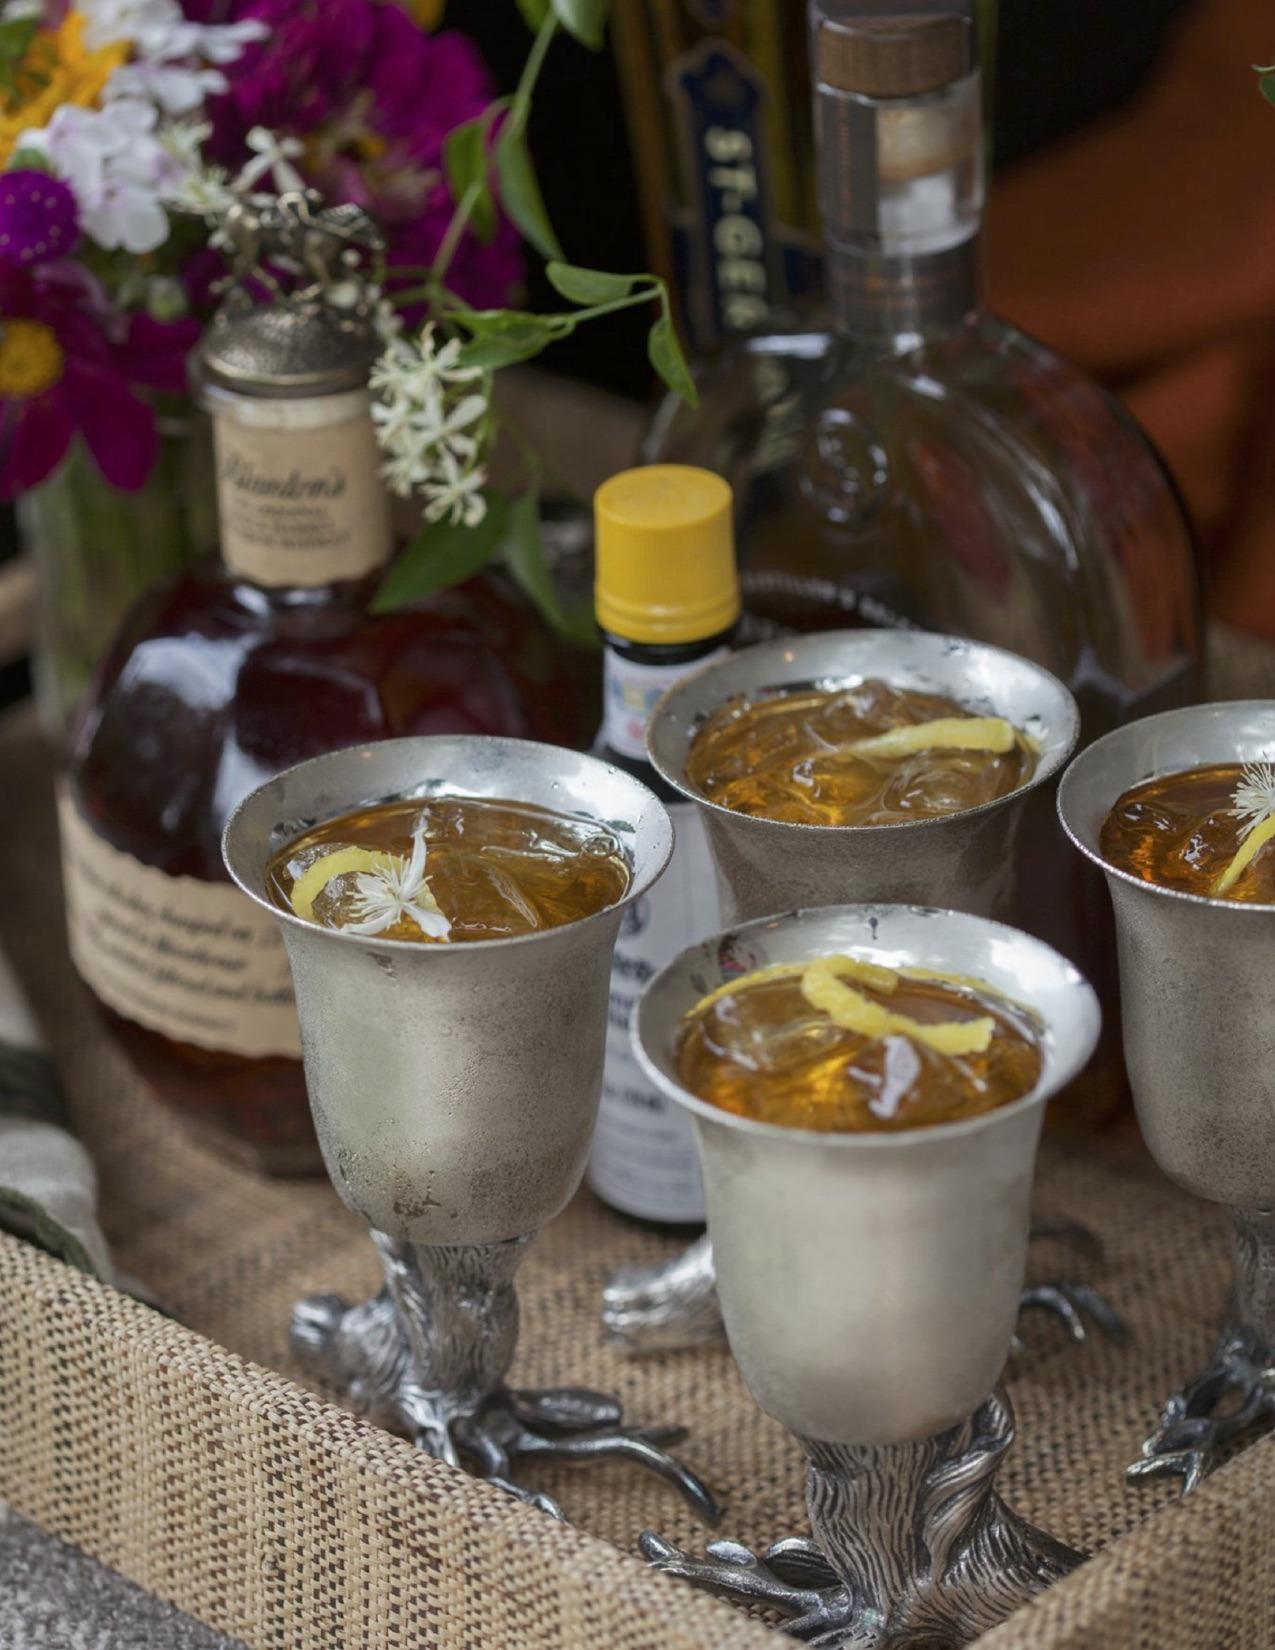 Elderflower Old Fashioned